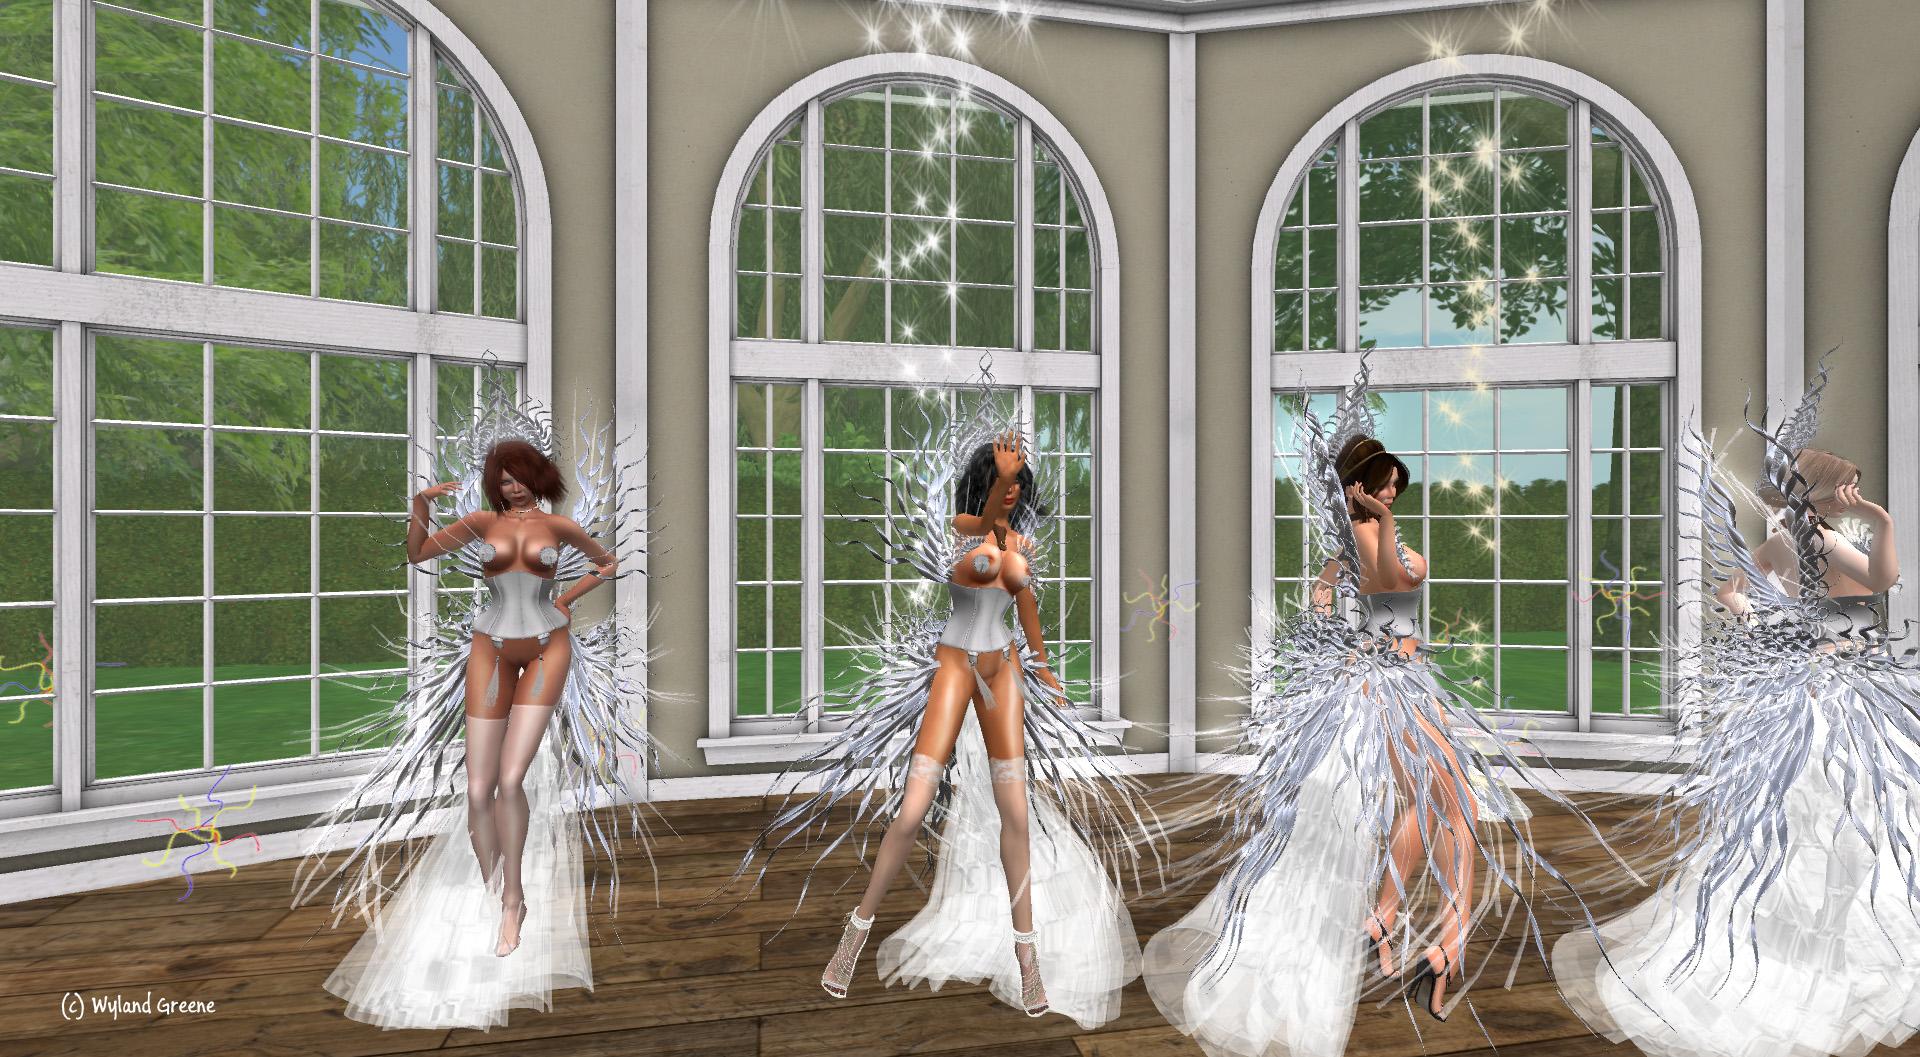 roissy girls_010